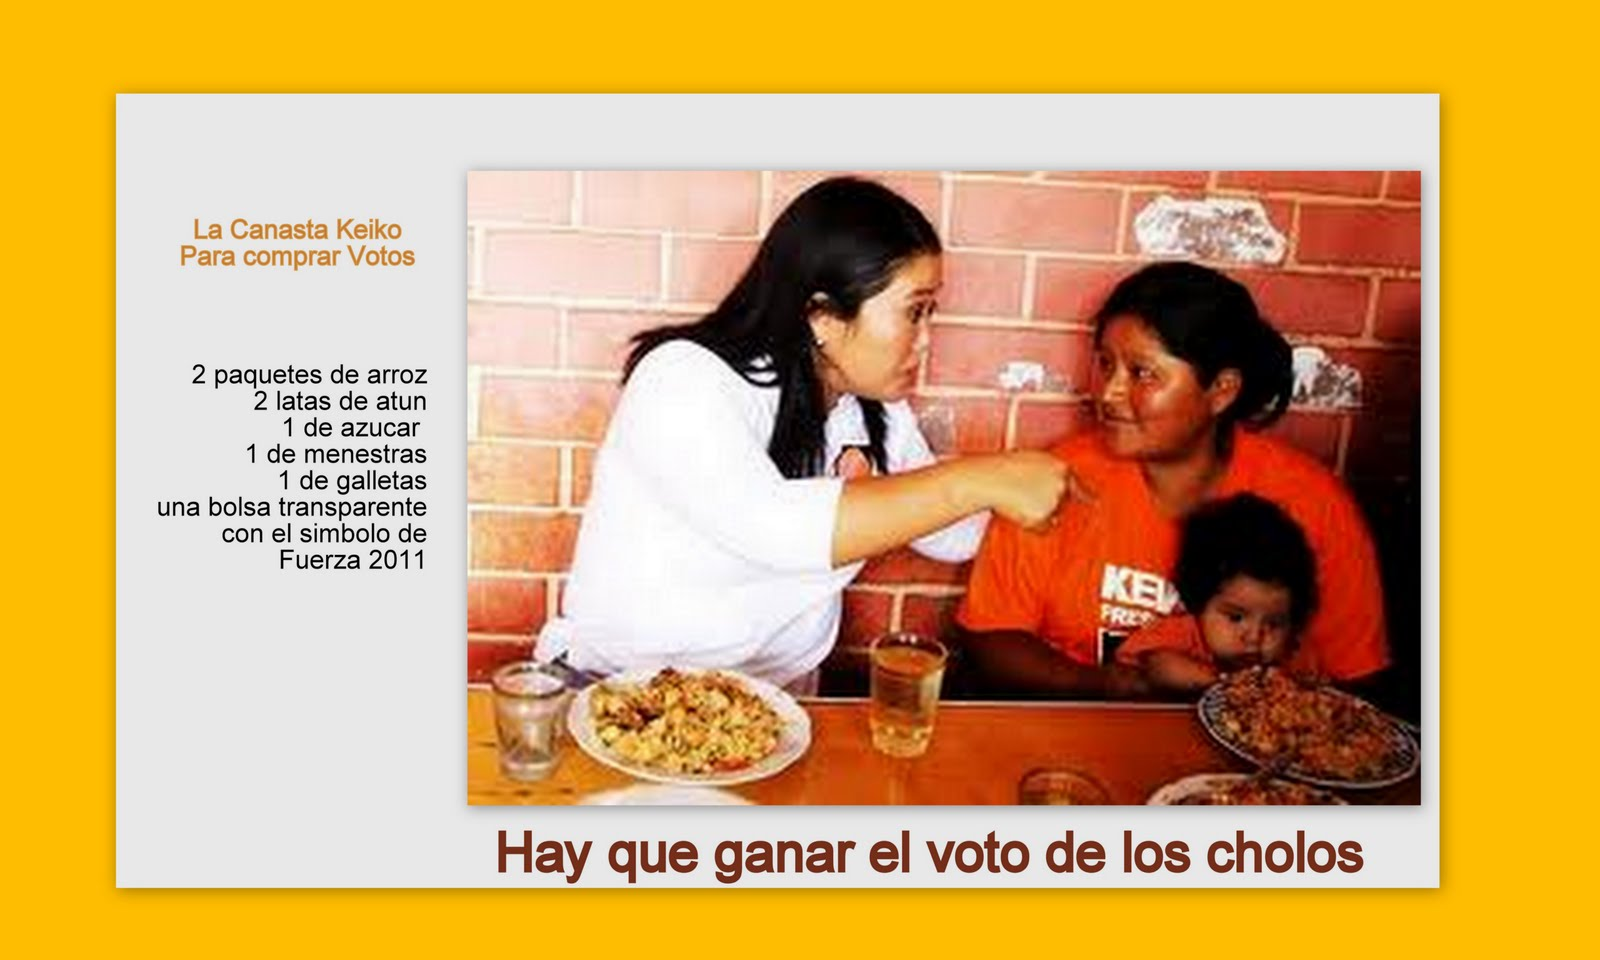 Peru un pais donde los votos se compran por un plato de for Donde se compran los vinilos decorativos